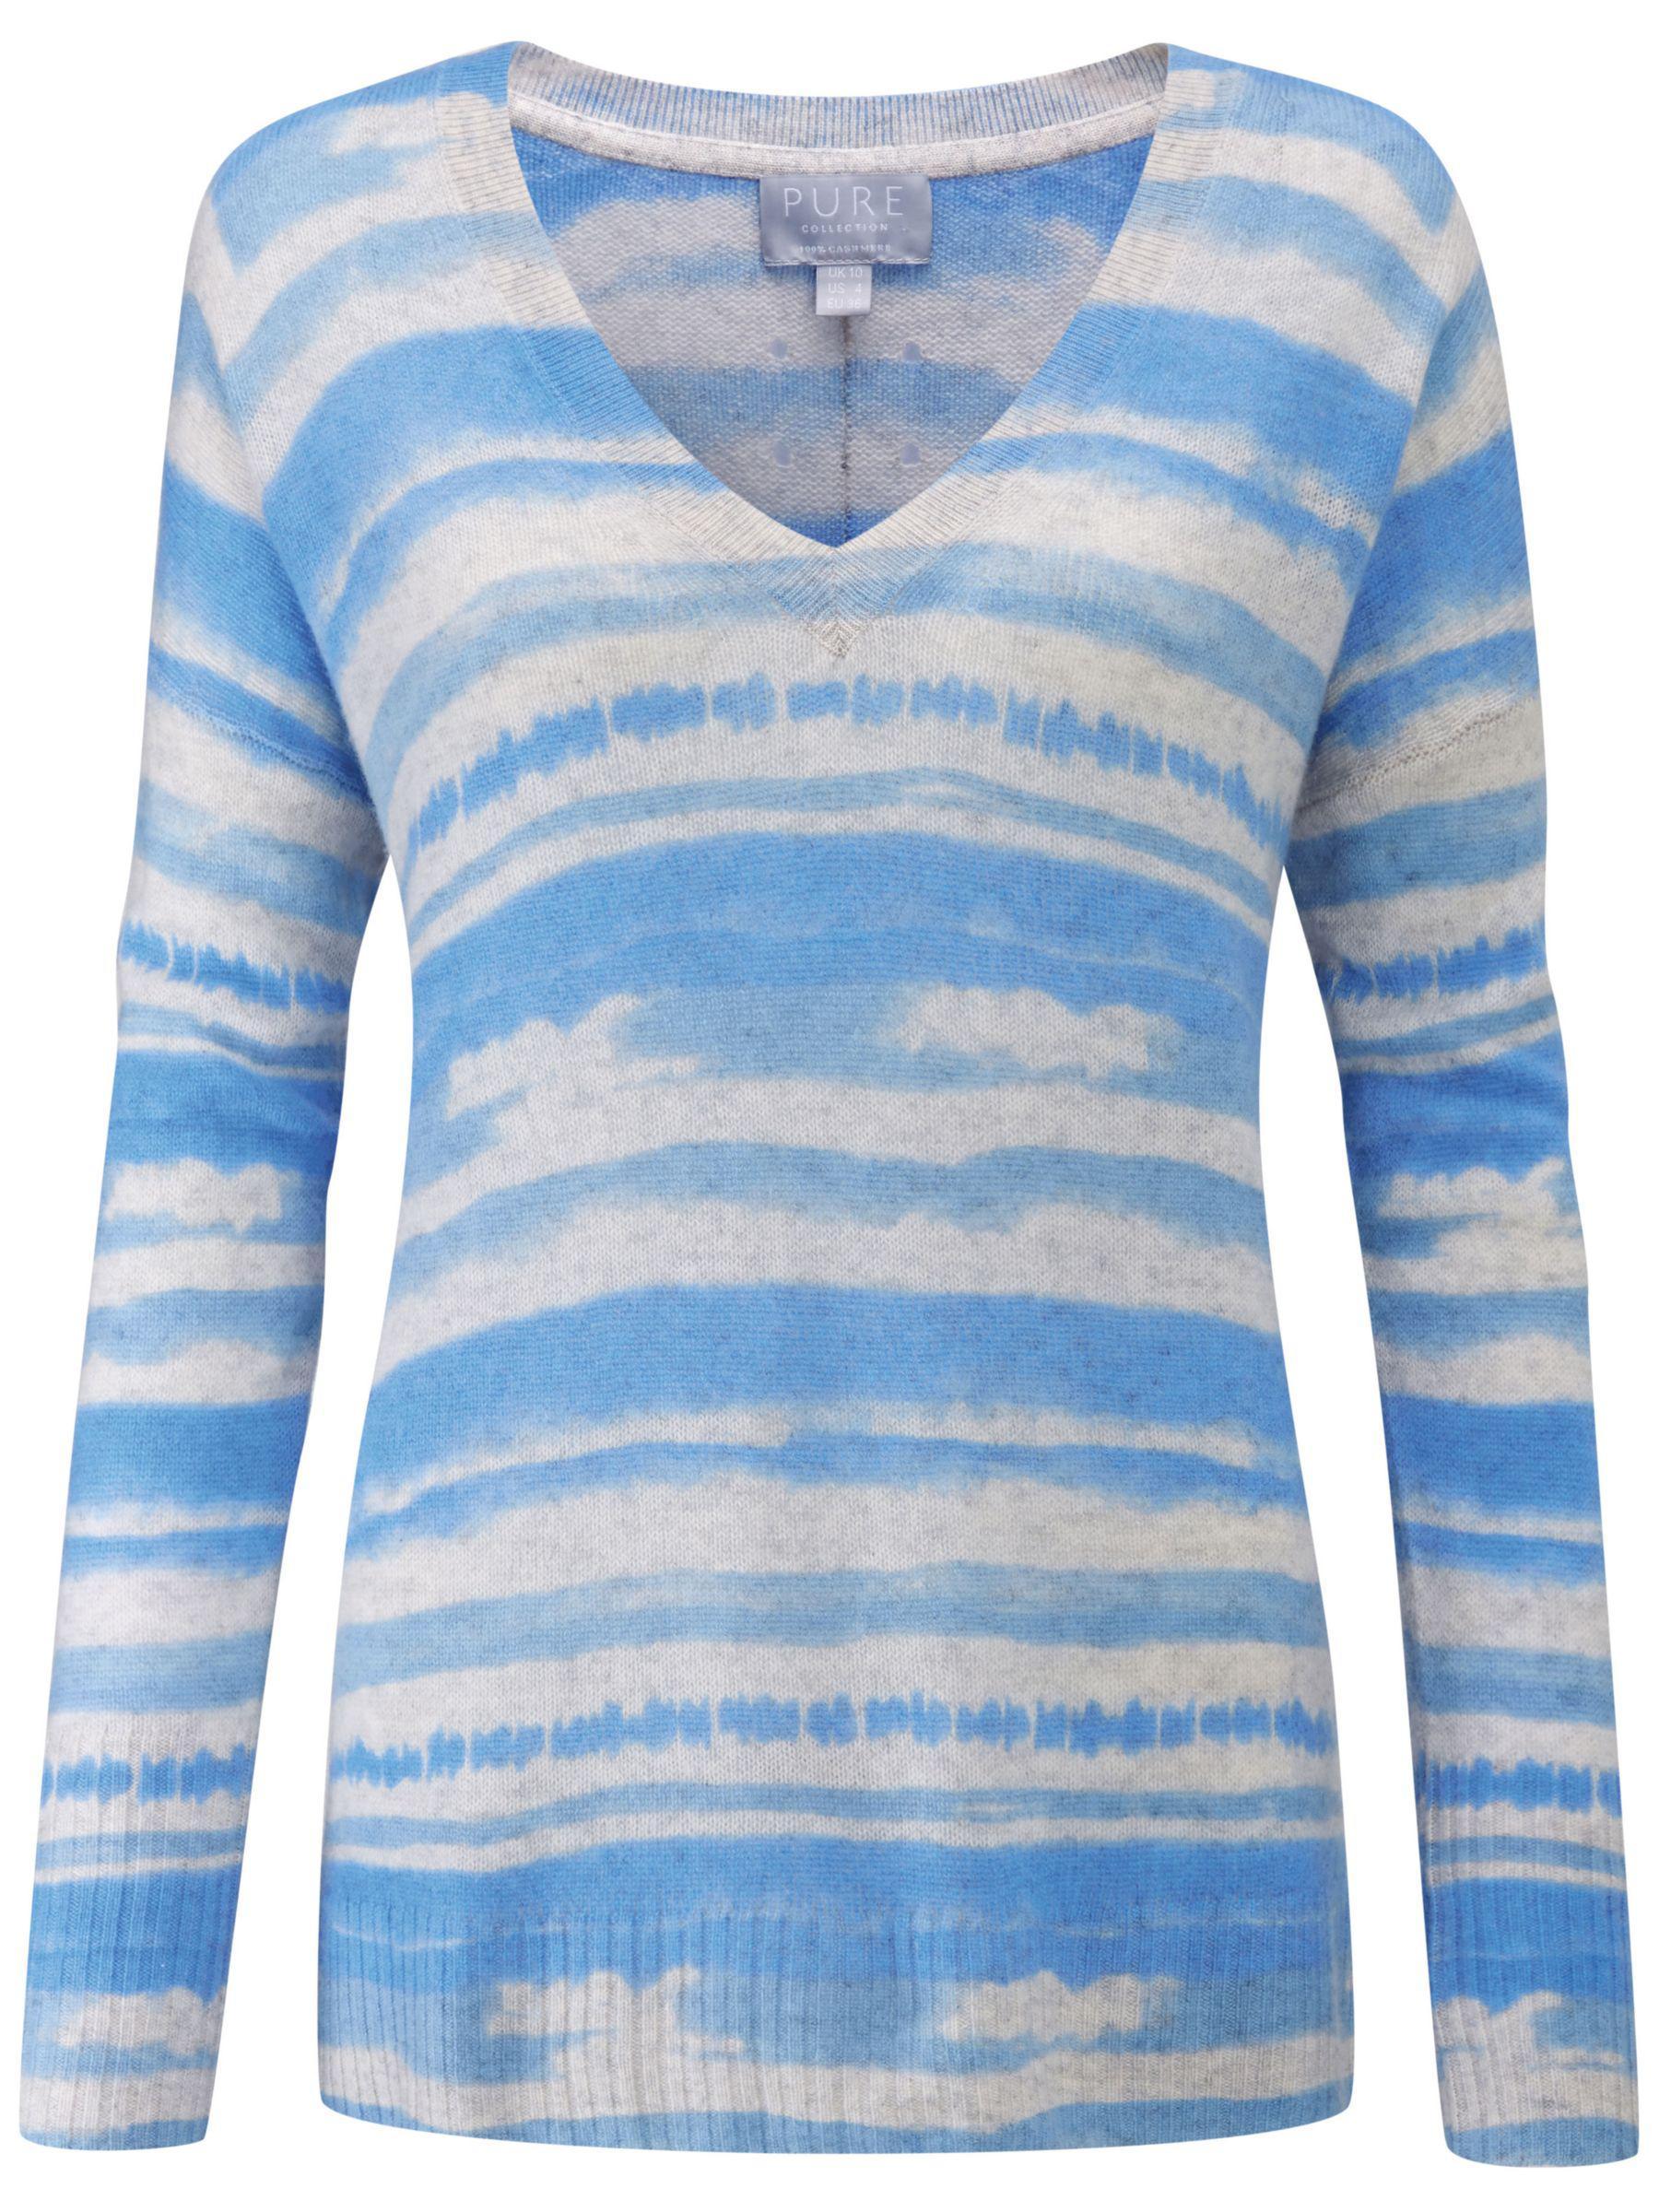 0bd2e3cb3 Pure Collection Gassato Ombre Cashmere V-neck Sweater in Blue - Lyst